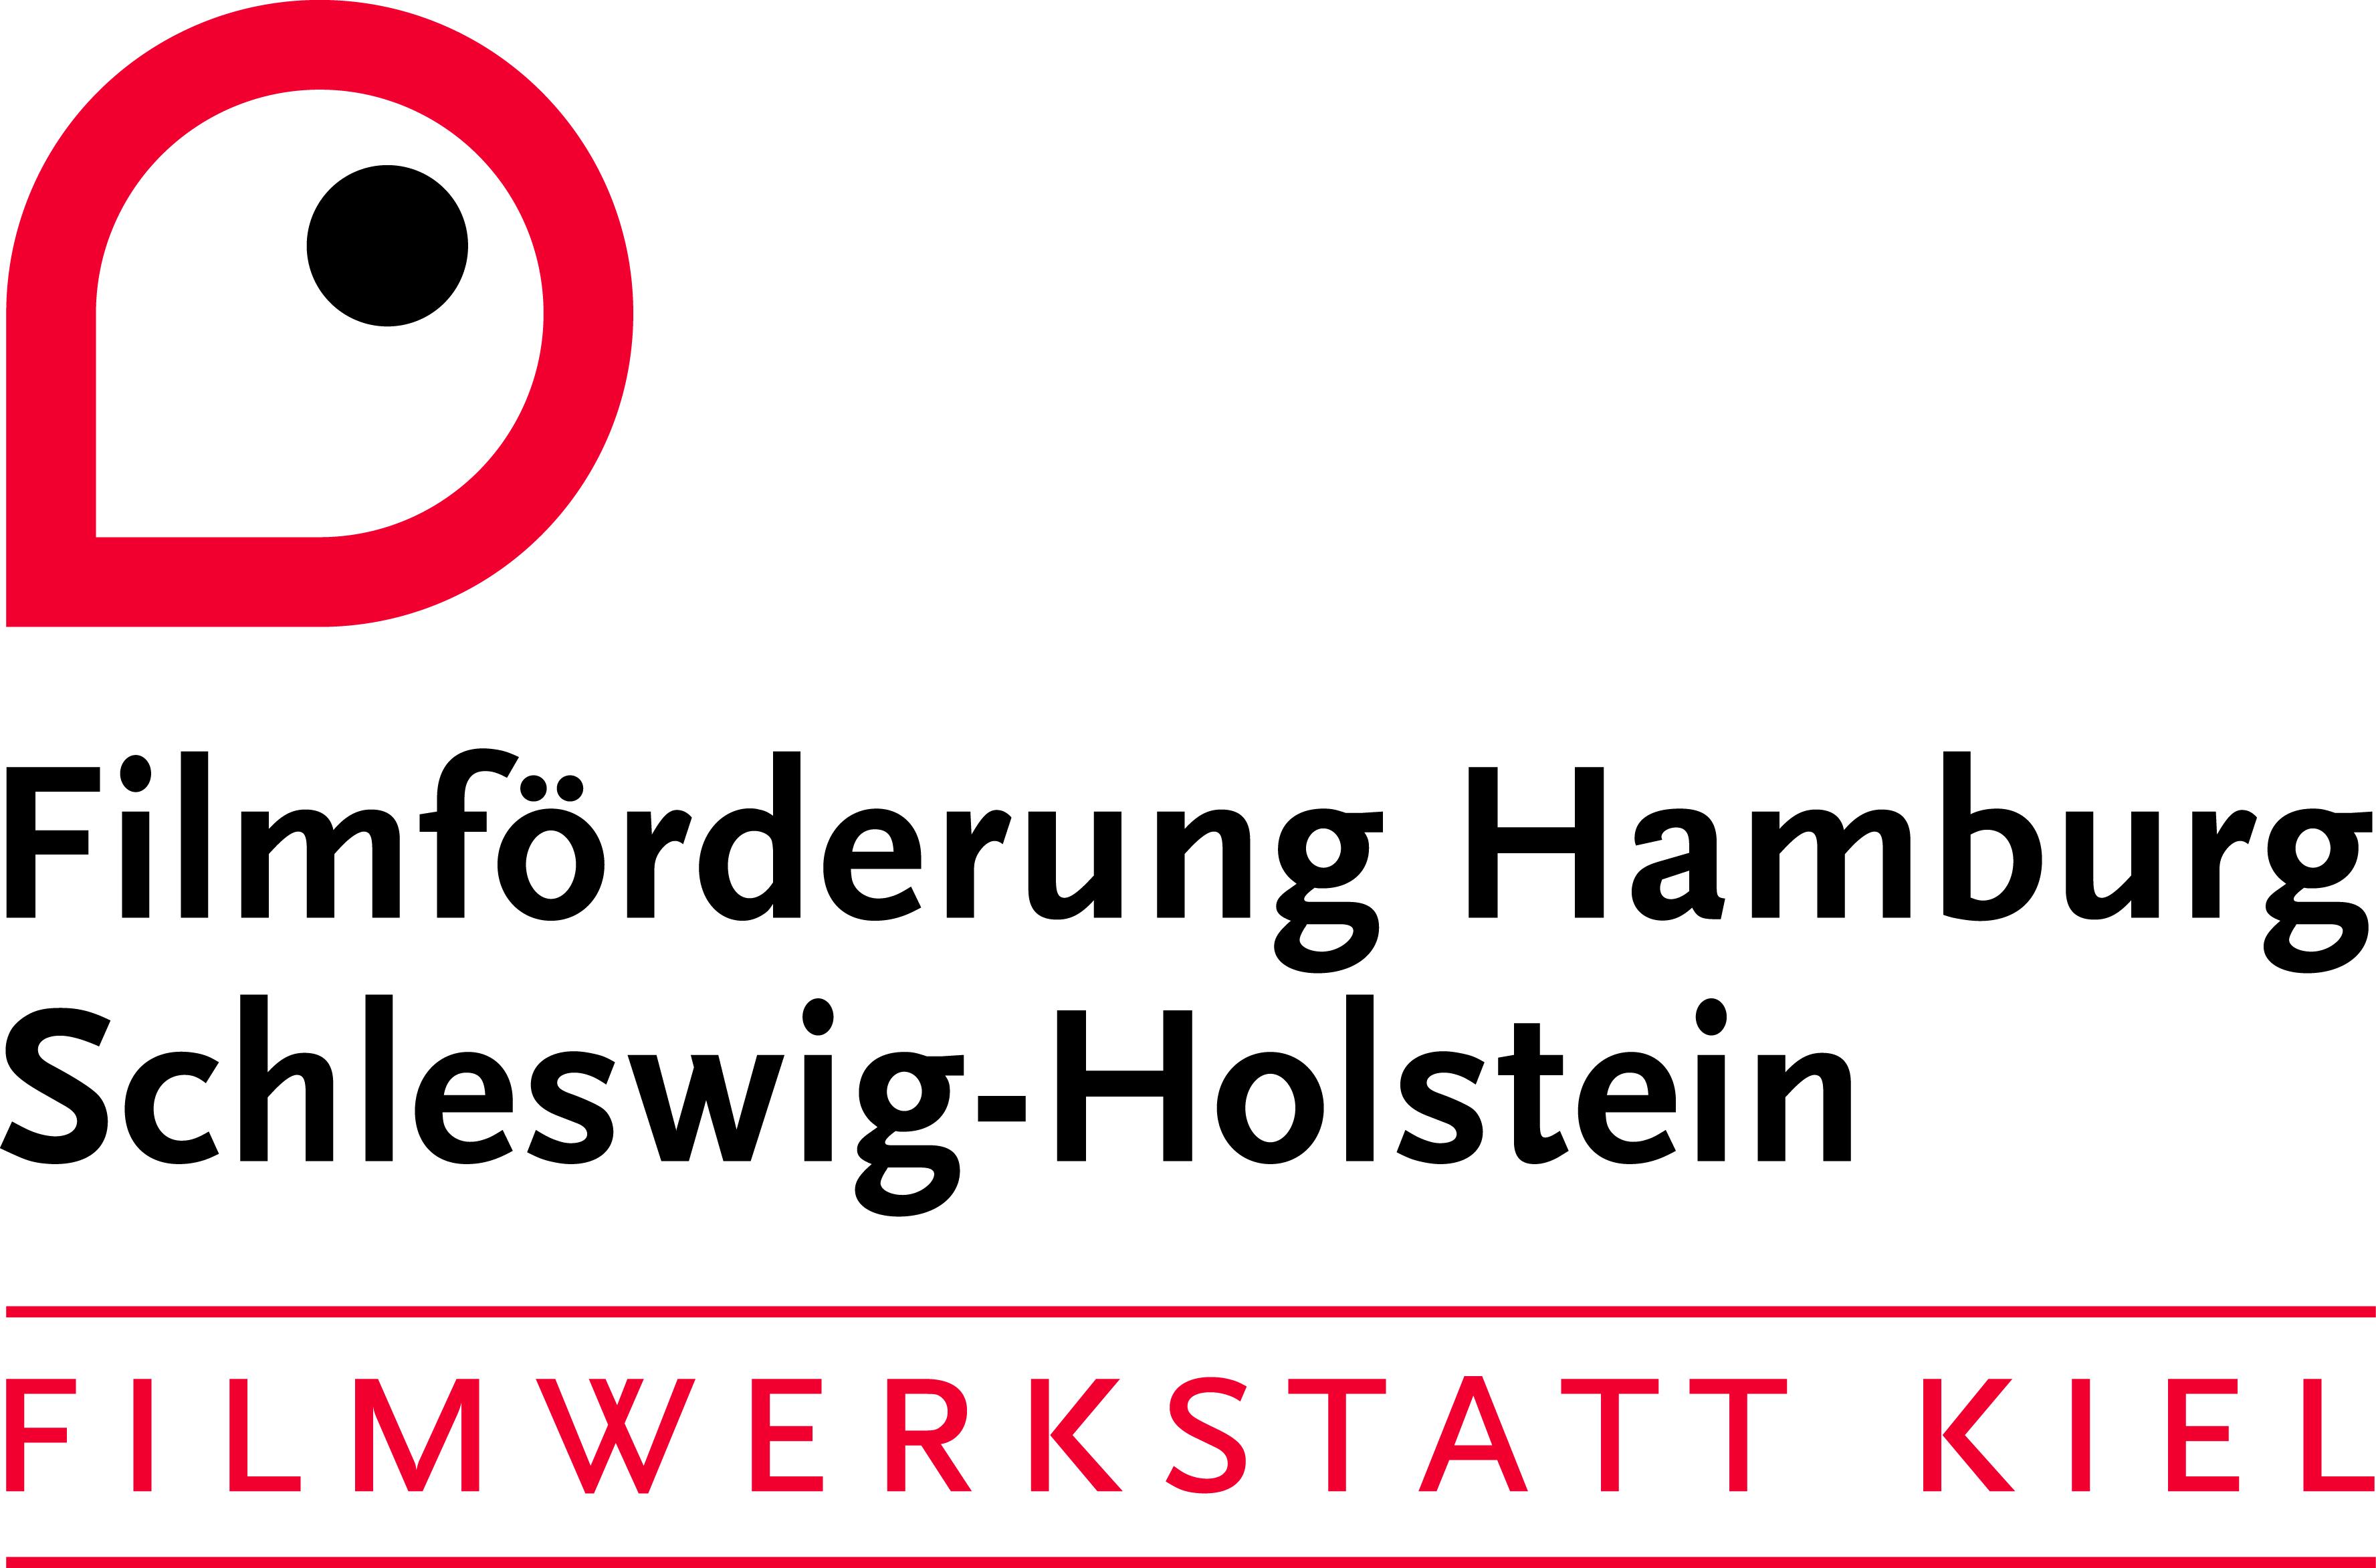 weiss auf weiss, gesammelte werke | filmförderung hamburg schleswig-holstein, Innenarchitektur